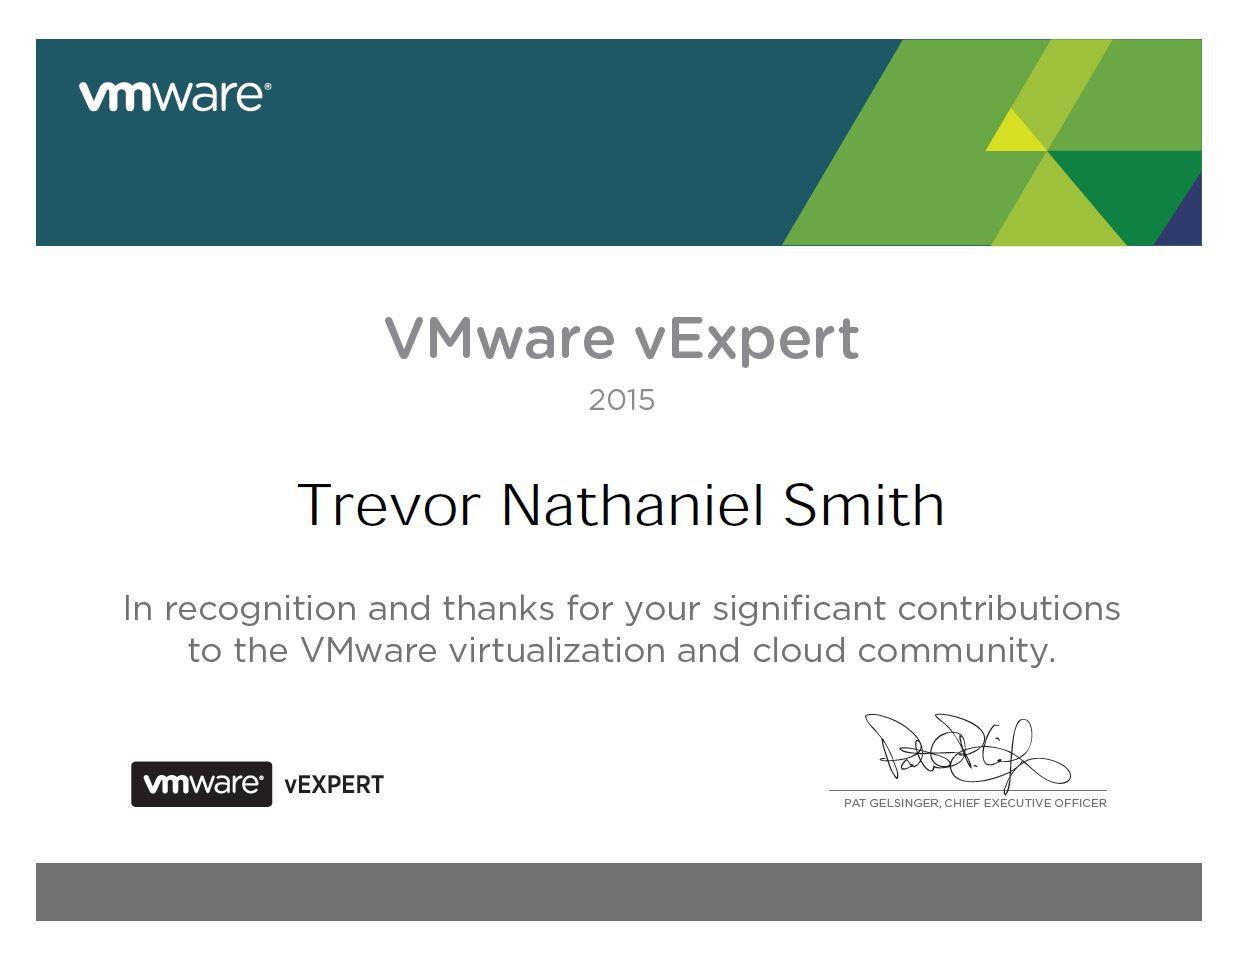 vExpert 2015 -Trevor